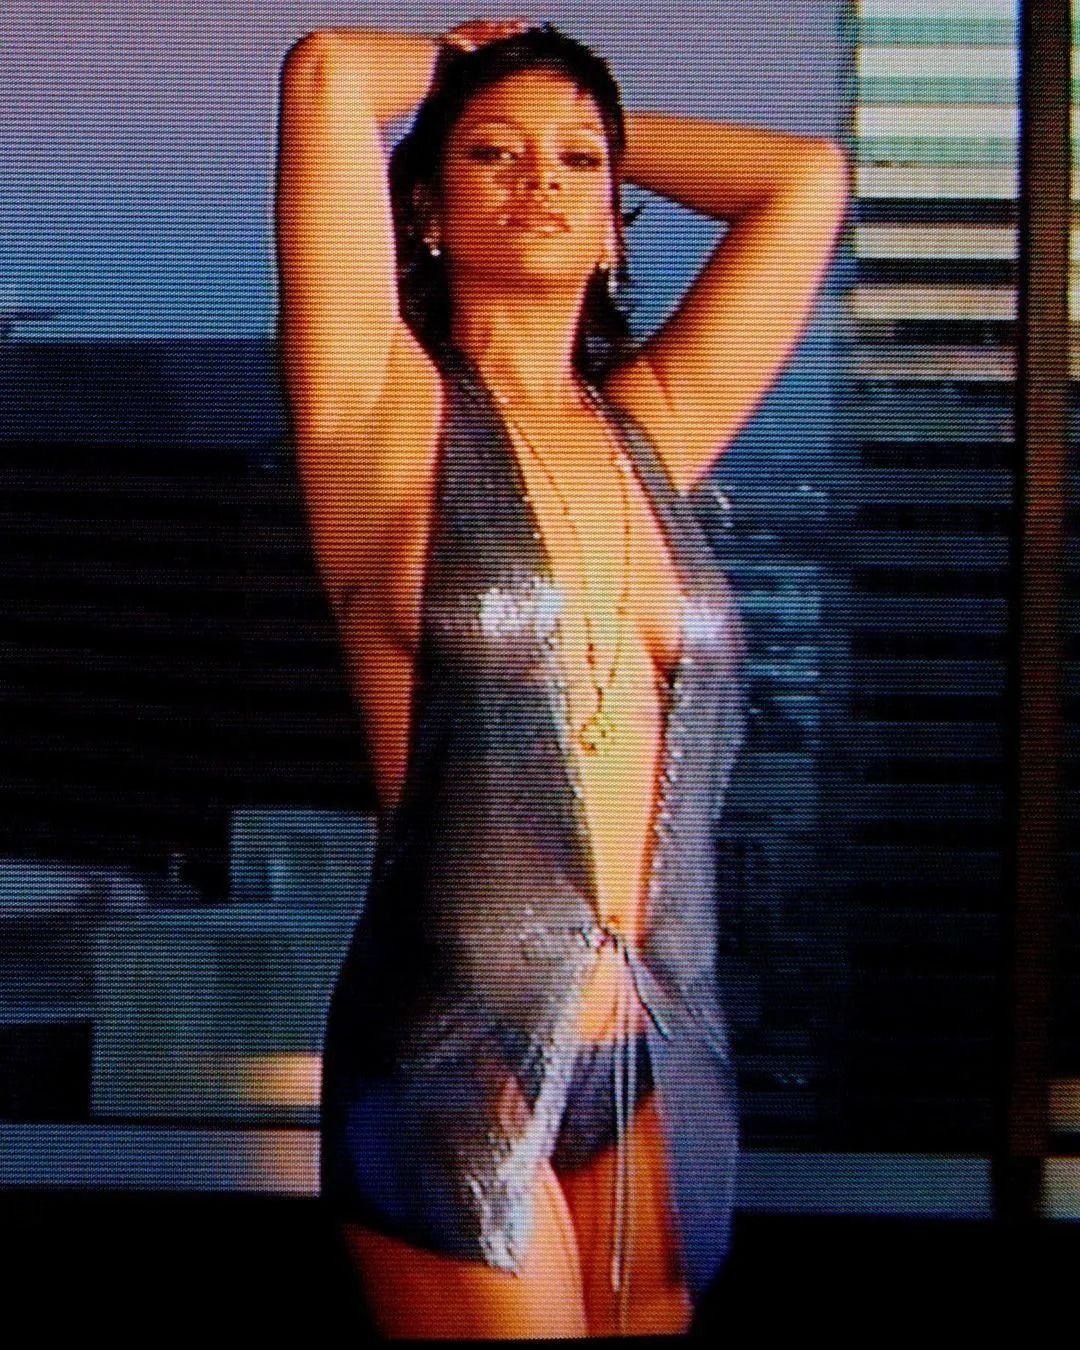 Rihanna yeni iç çamaşırı koleksiyonunu tanıttı! Kendine hayran bıraktı - Sayfa 13